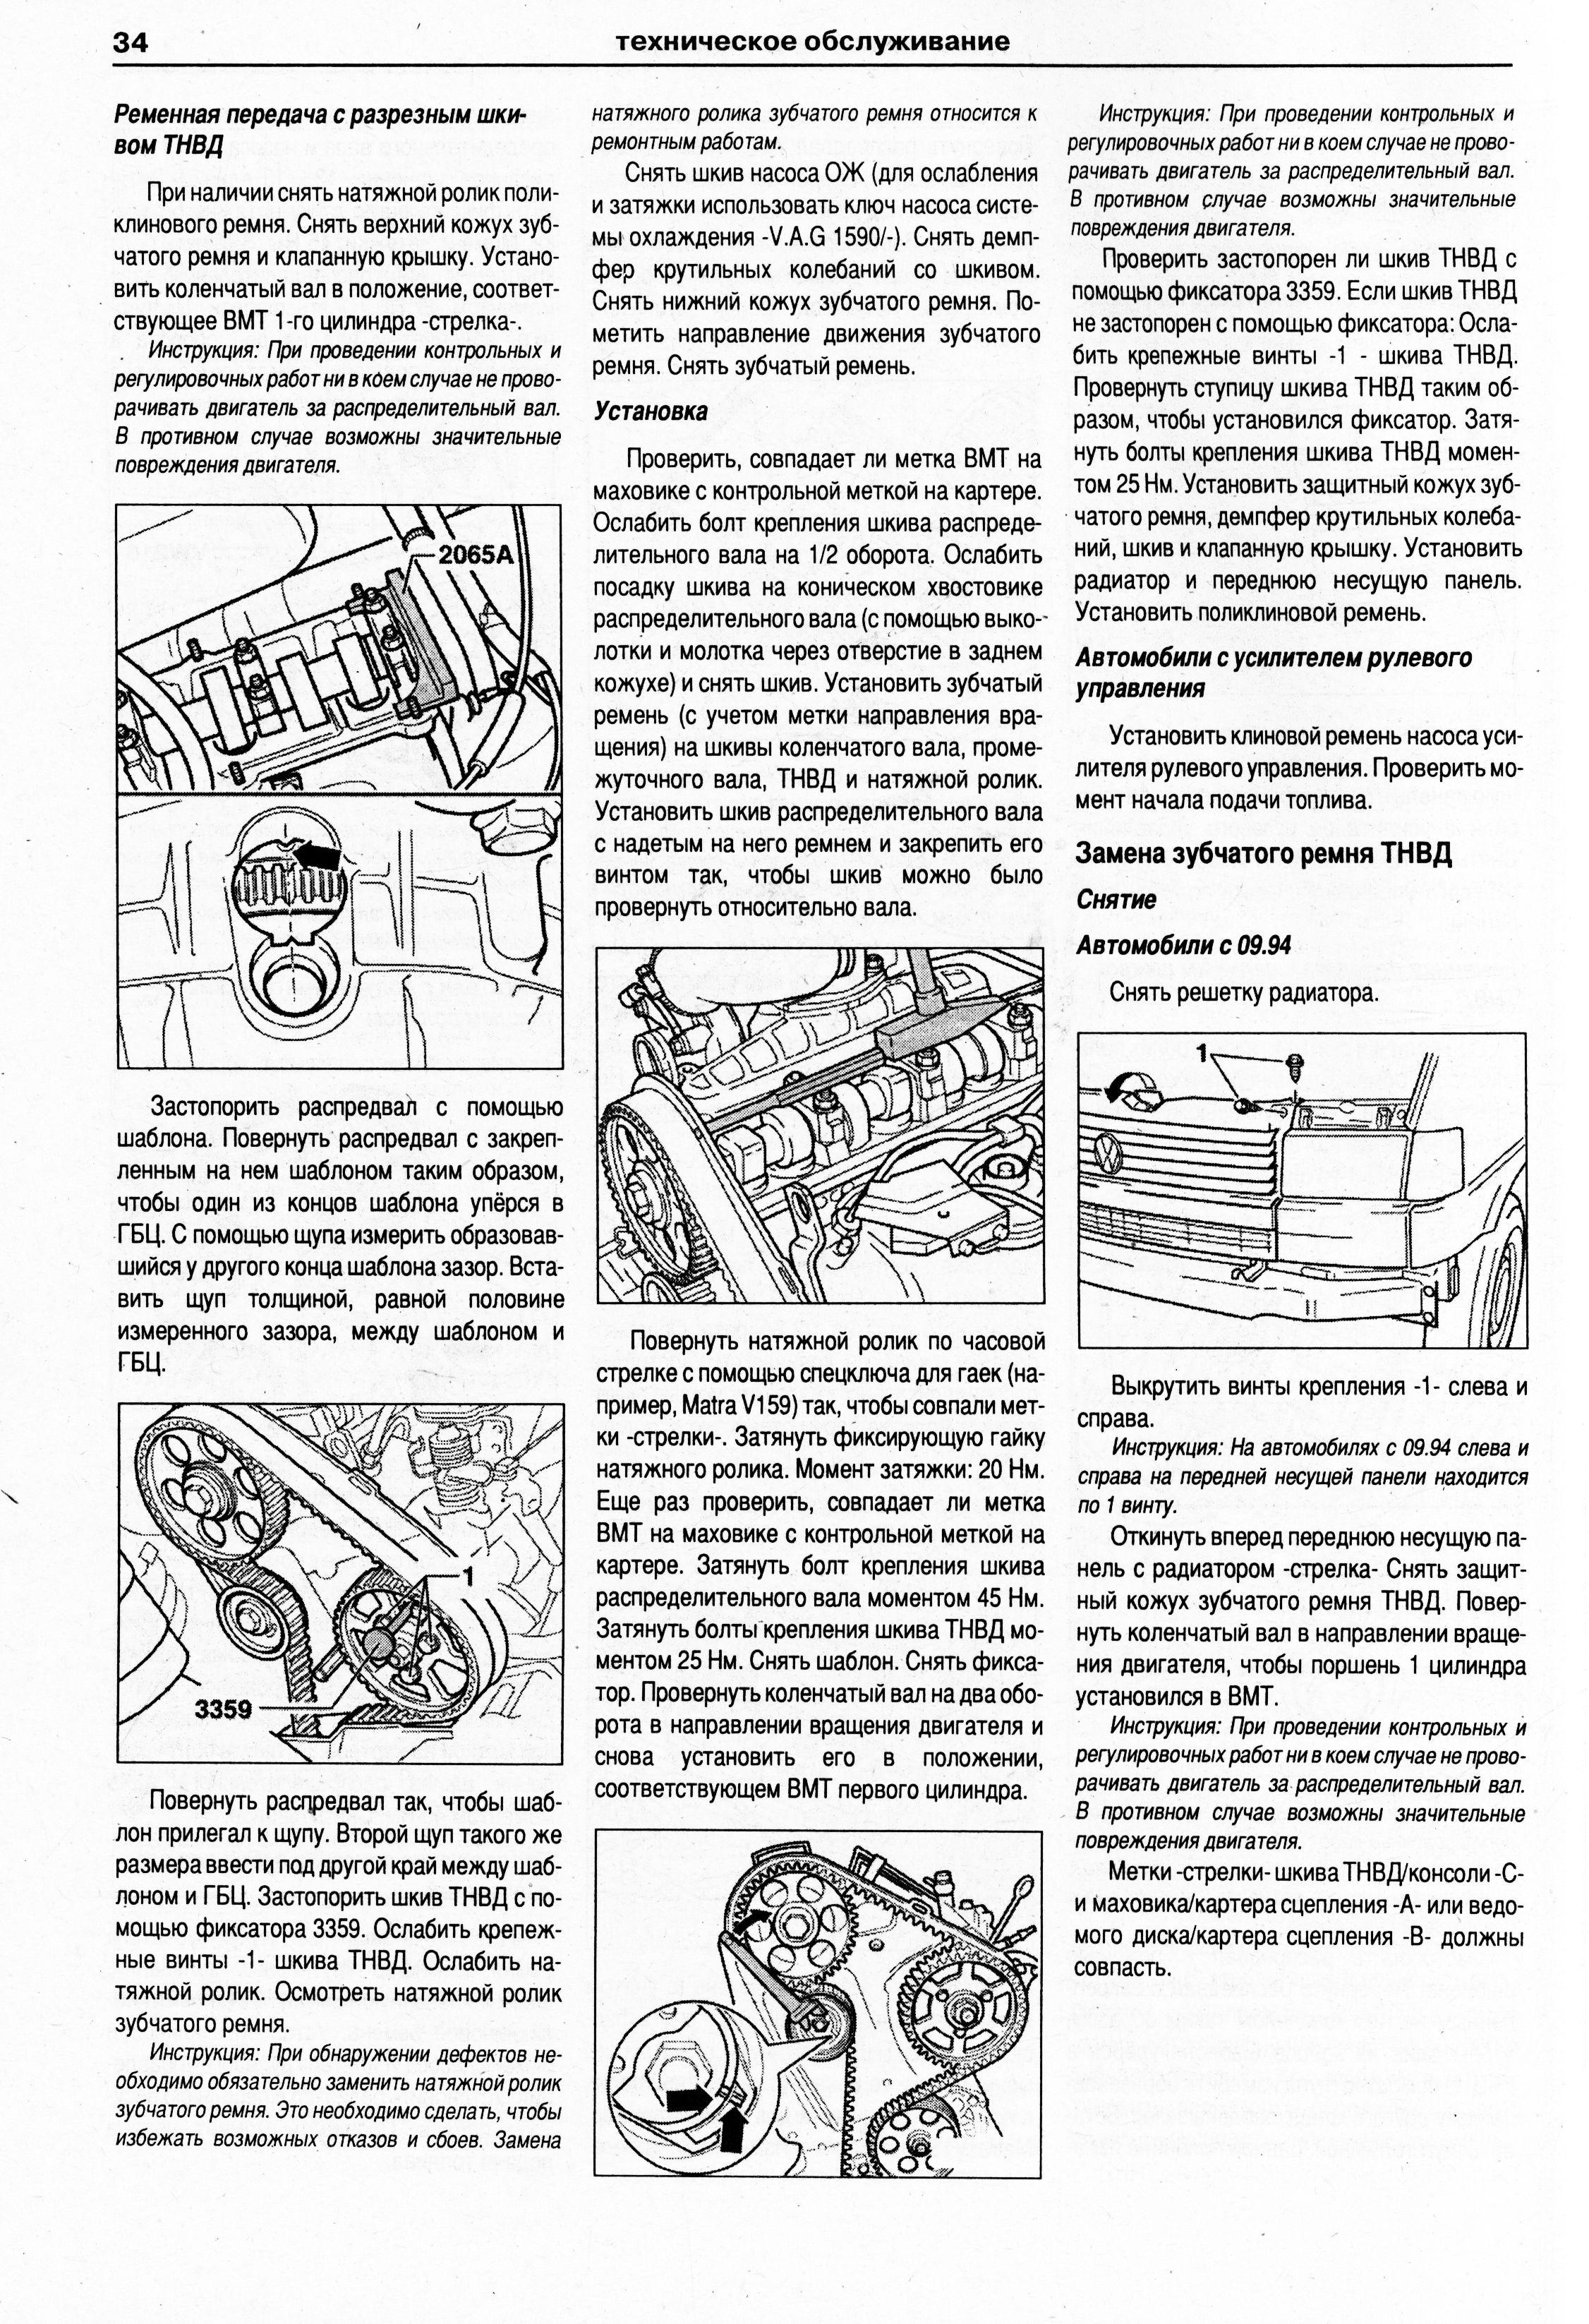 инструкция транспортер т4